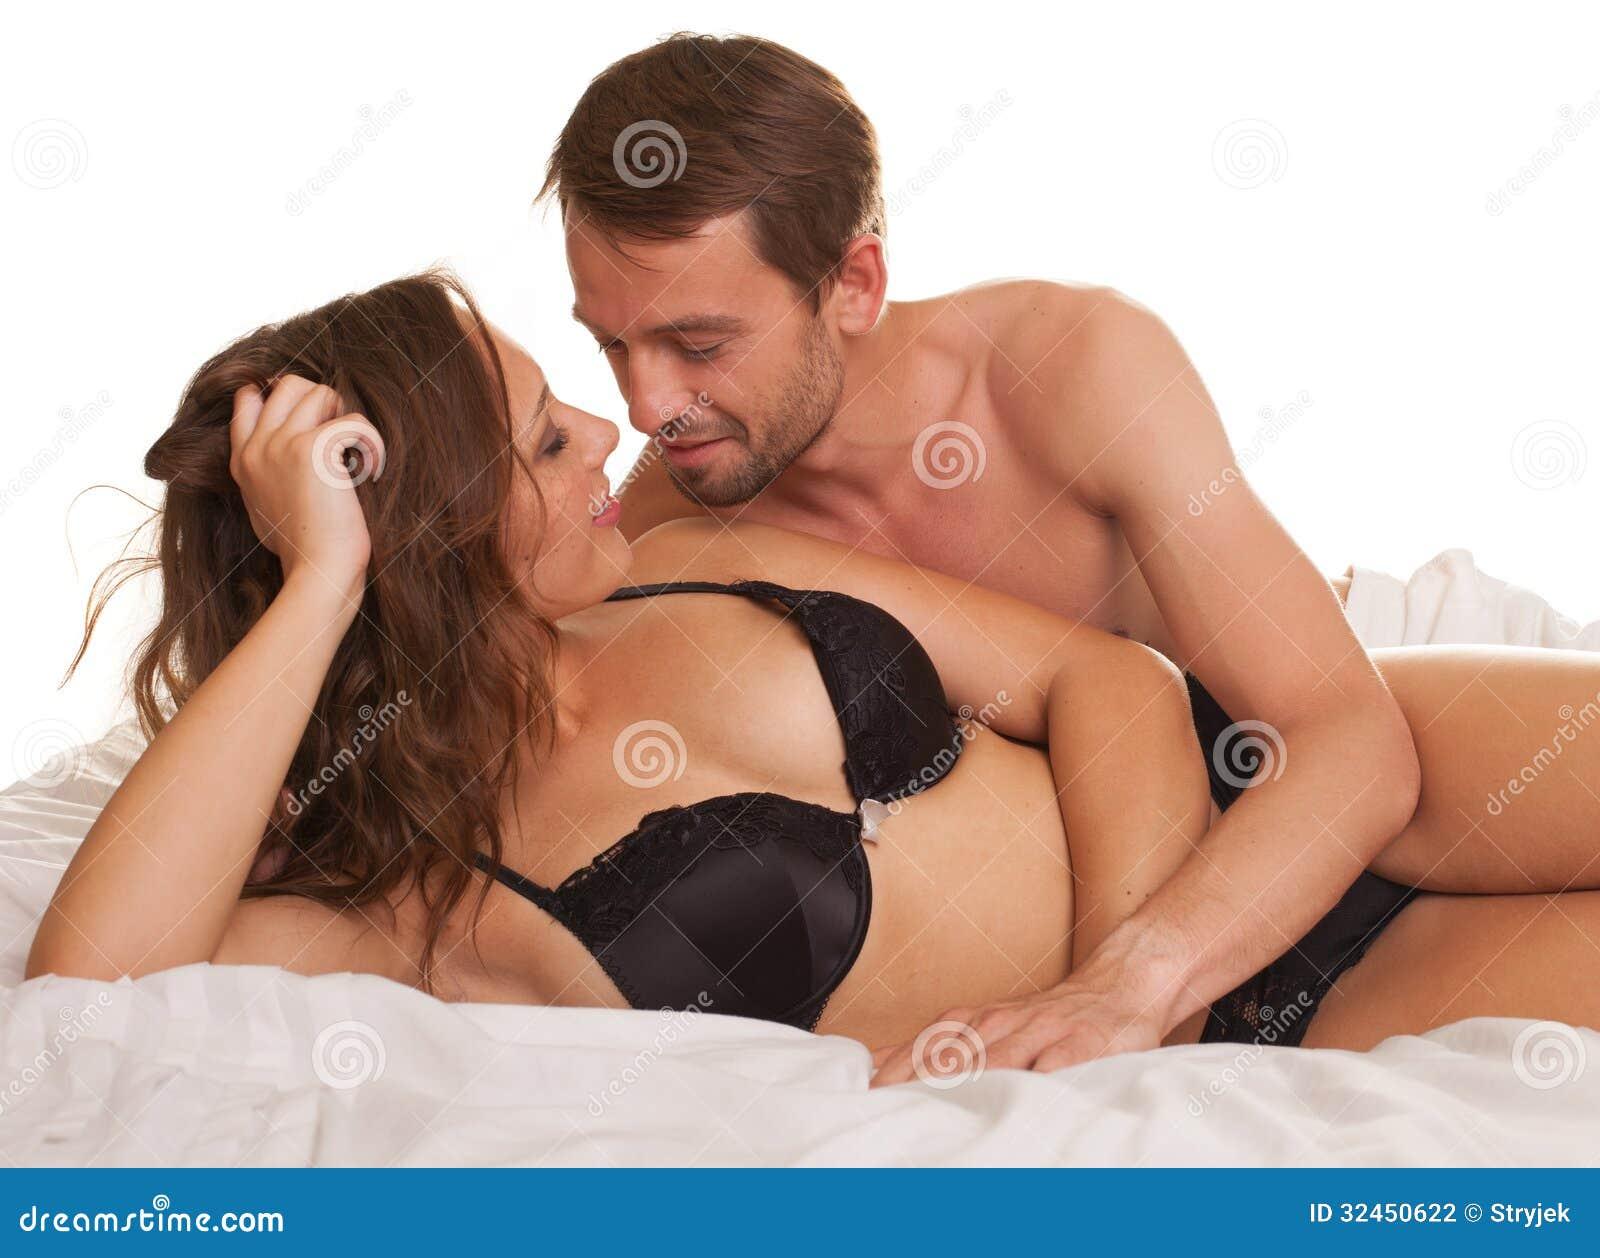 Секс вдвоем в одну дырку, Два члена в одну дырку: порно видео онлайн, смотреть 24 фотография